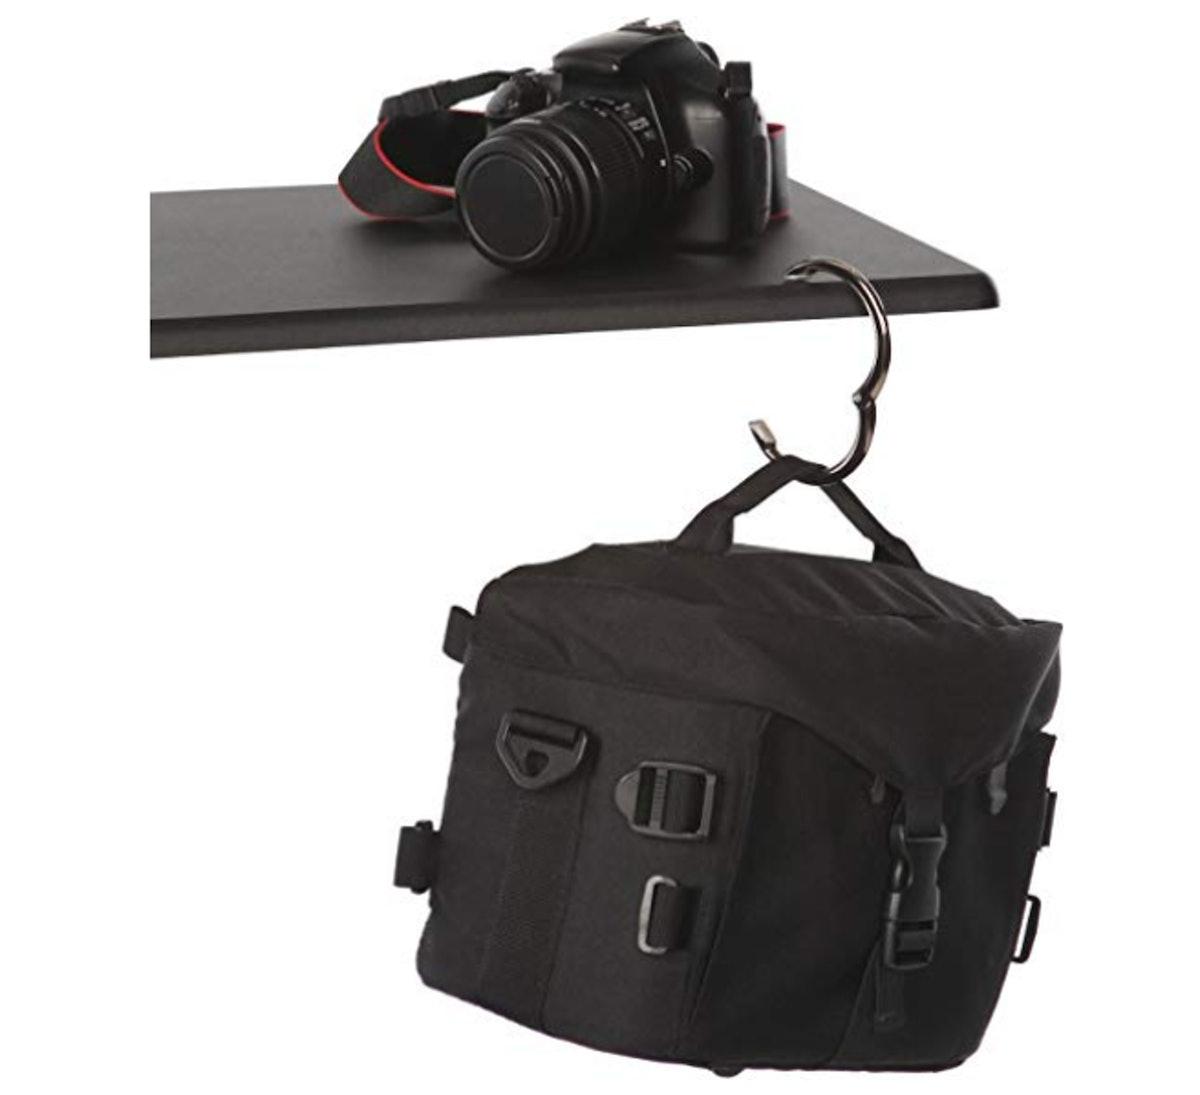 Clipa2 - The Instant Bag Hanger